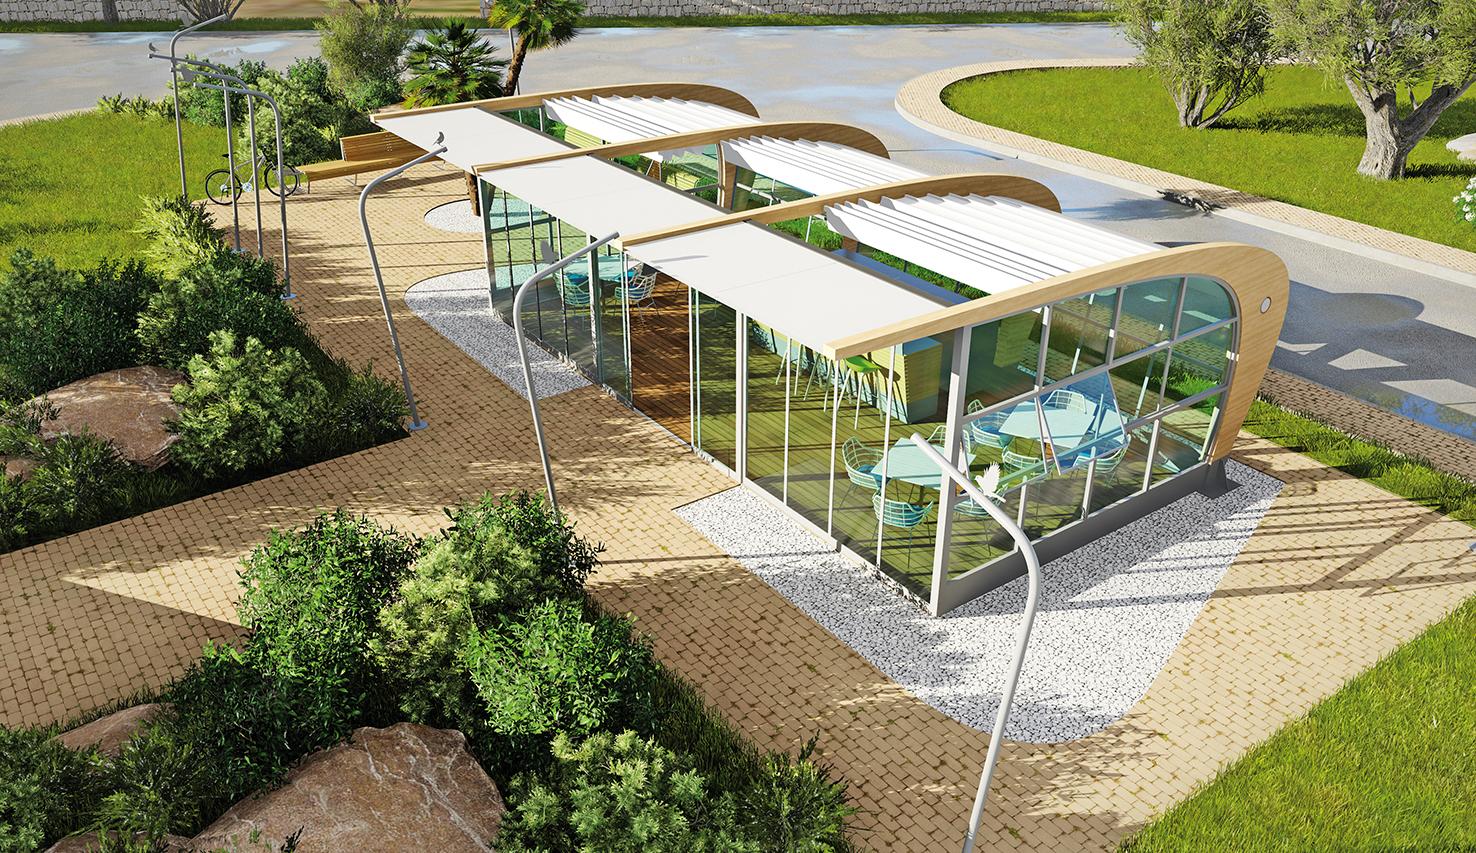 progettazione dell'arredo urbano